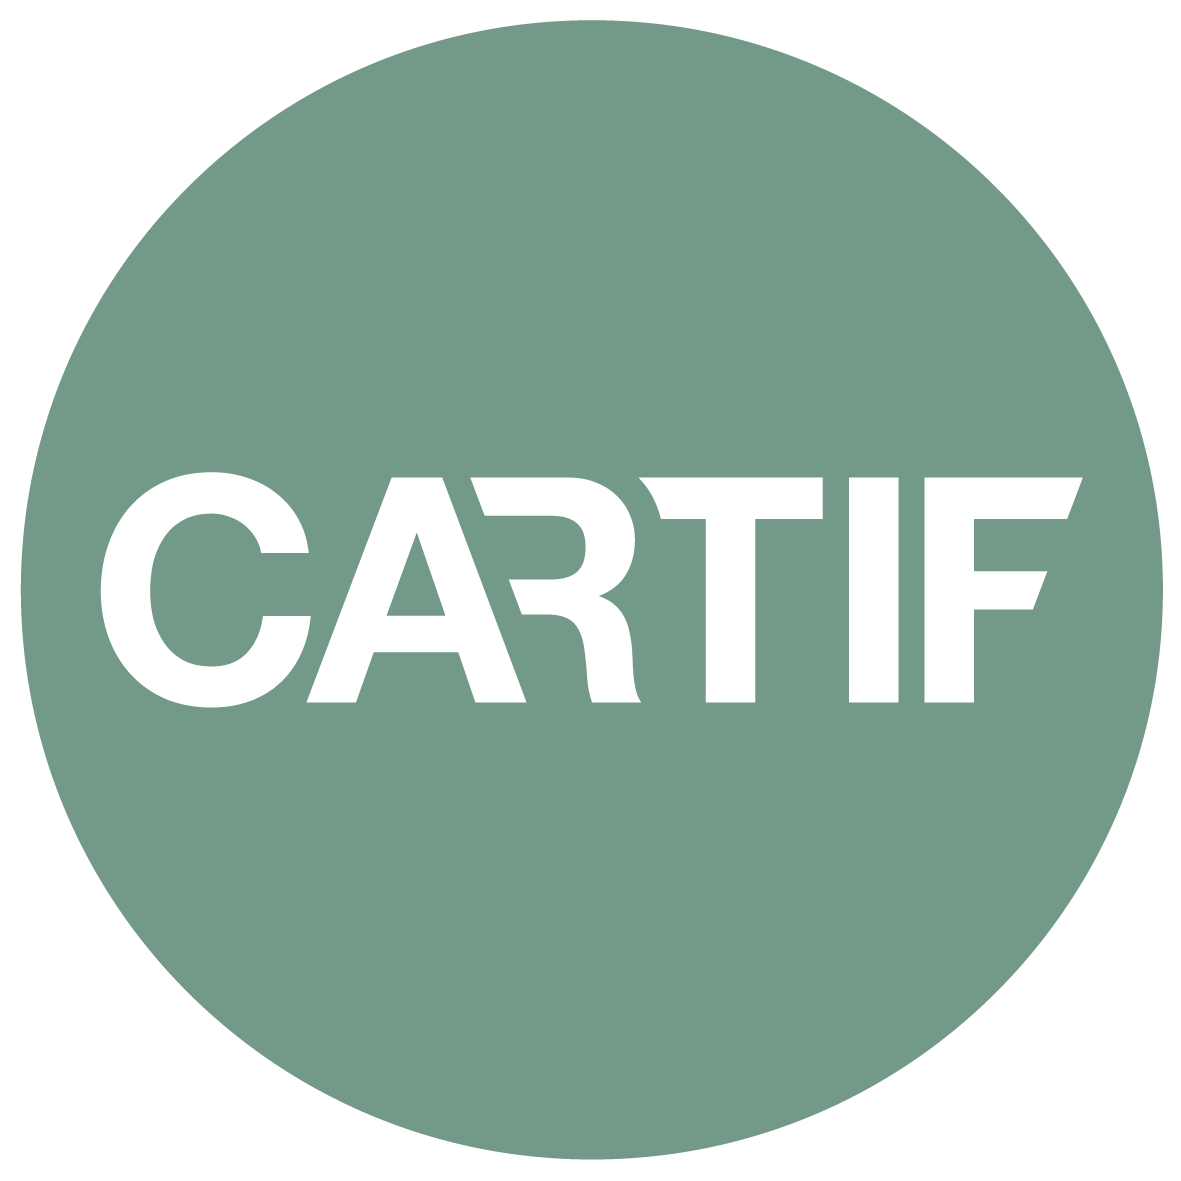 Ingeniería Biomédica Cartif